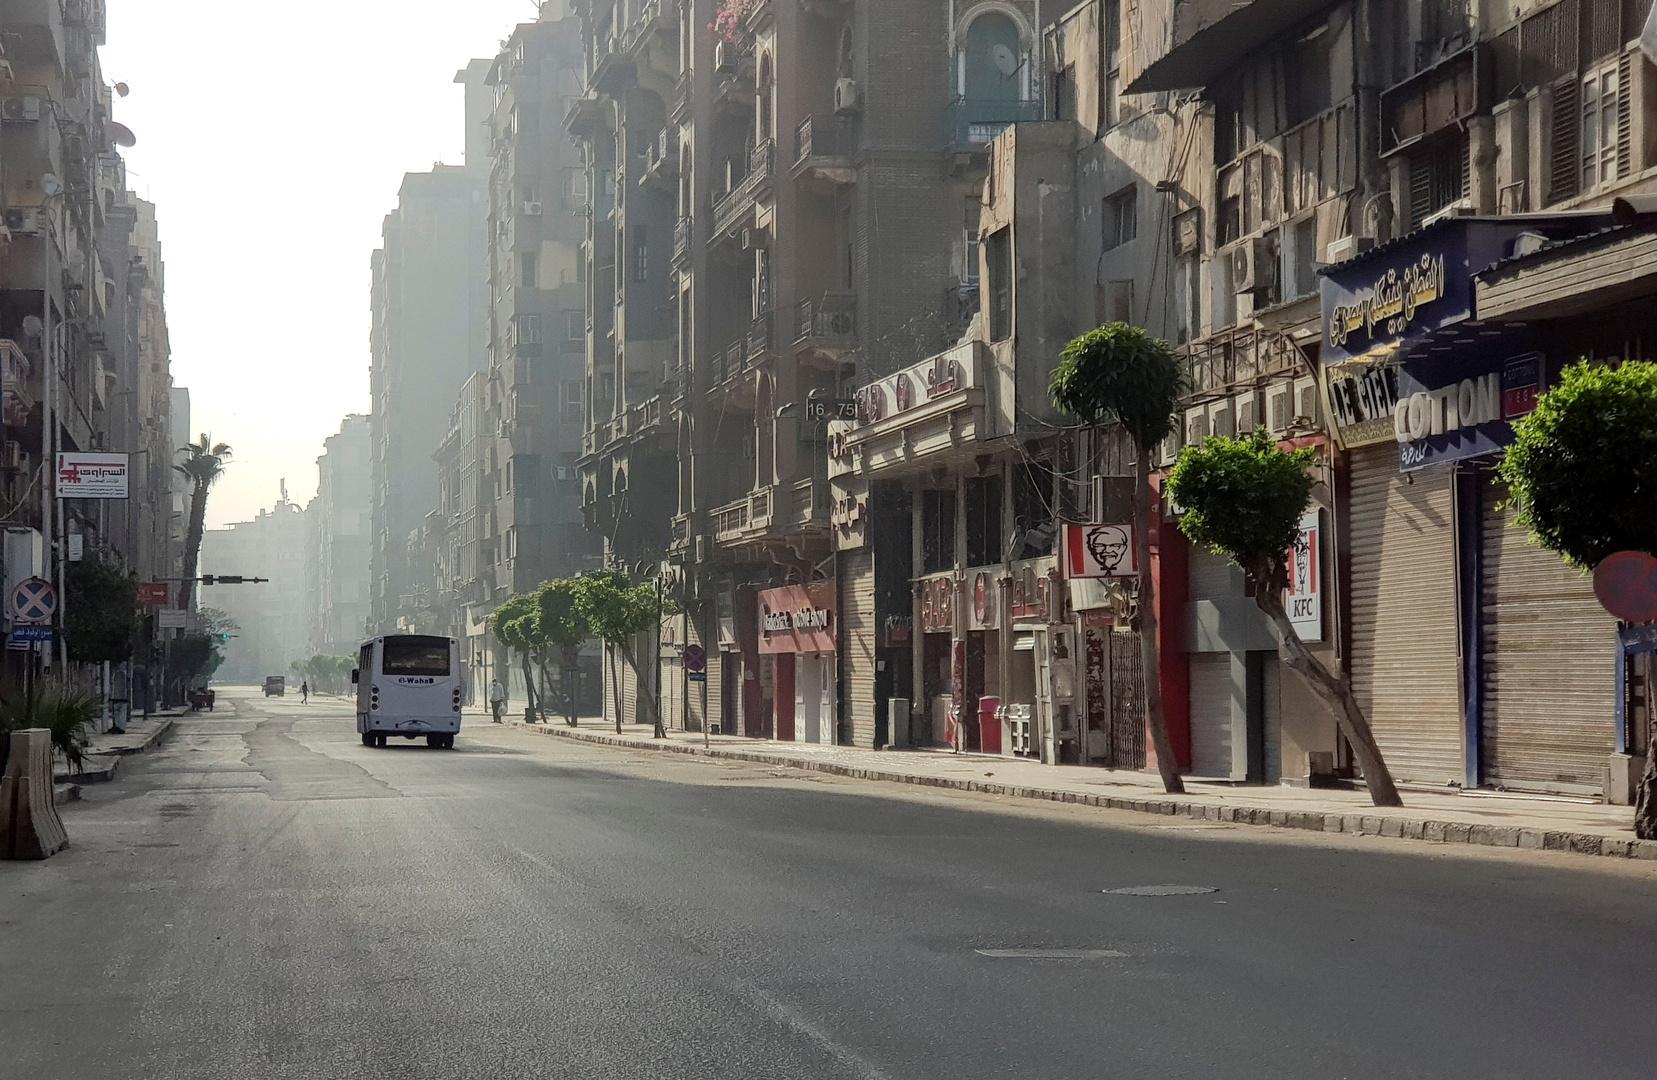 شارع في العاصمة المصرية القاهرة